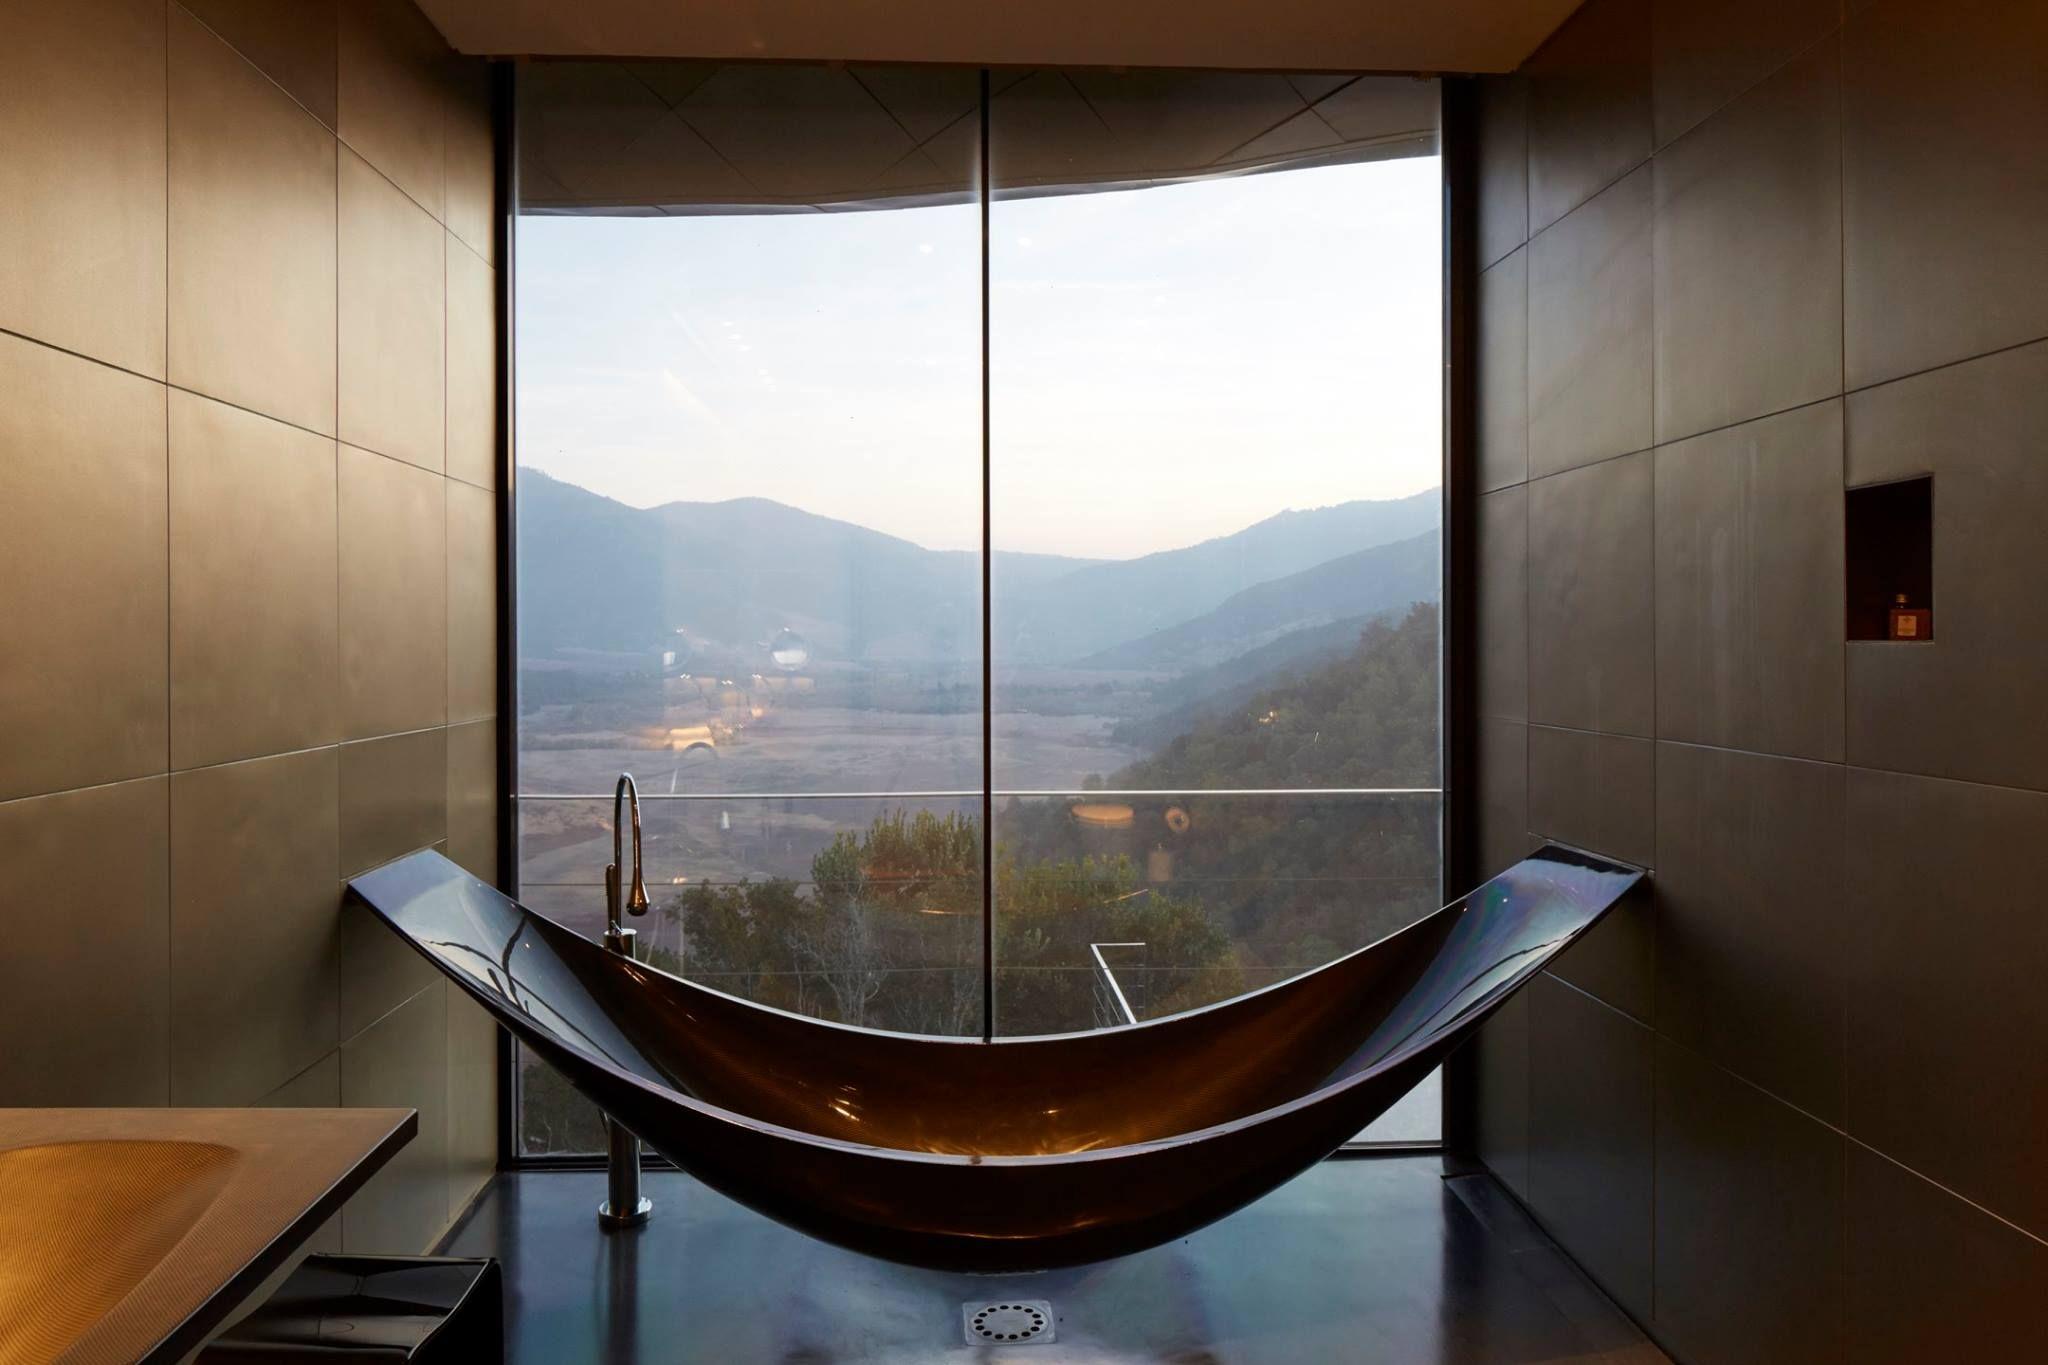 Salle De Bain De Luxe En Pierre ~ 10 salles de bains d h tel avec vue et d co de r ve qui vont vous